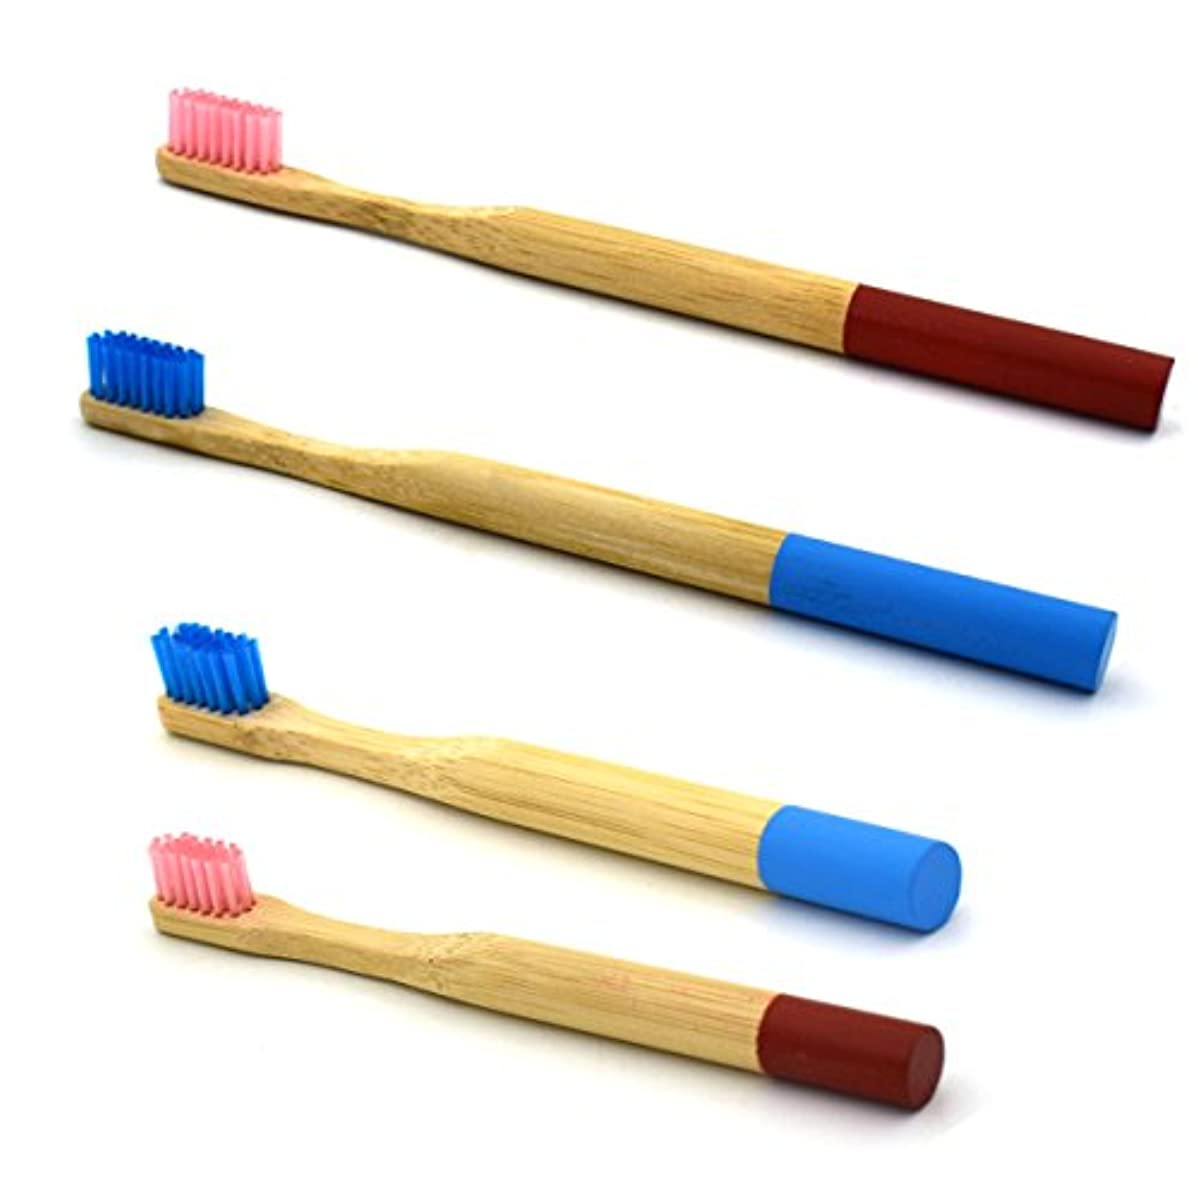 中古ロボット全体にROSENICE 竹の歯ブラシ2つのペアラウンドハンドル自然の竹エコフレンドリーな柔らかい旅行の歯ブラシ(青とピンク) - 大人と子供